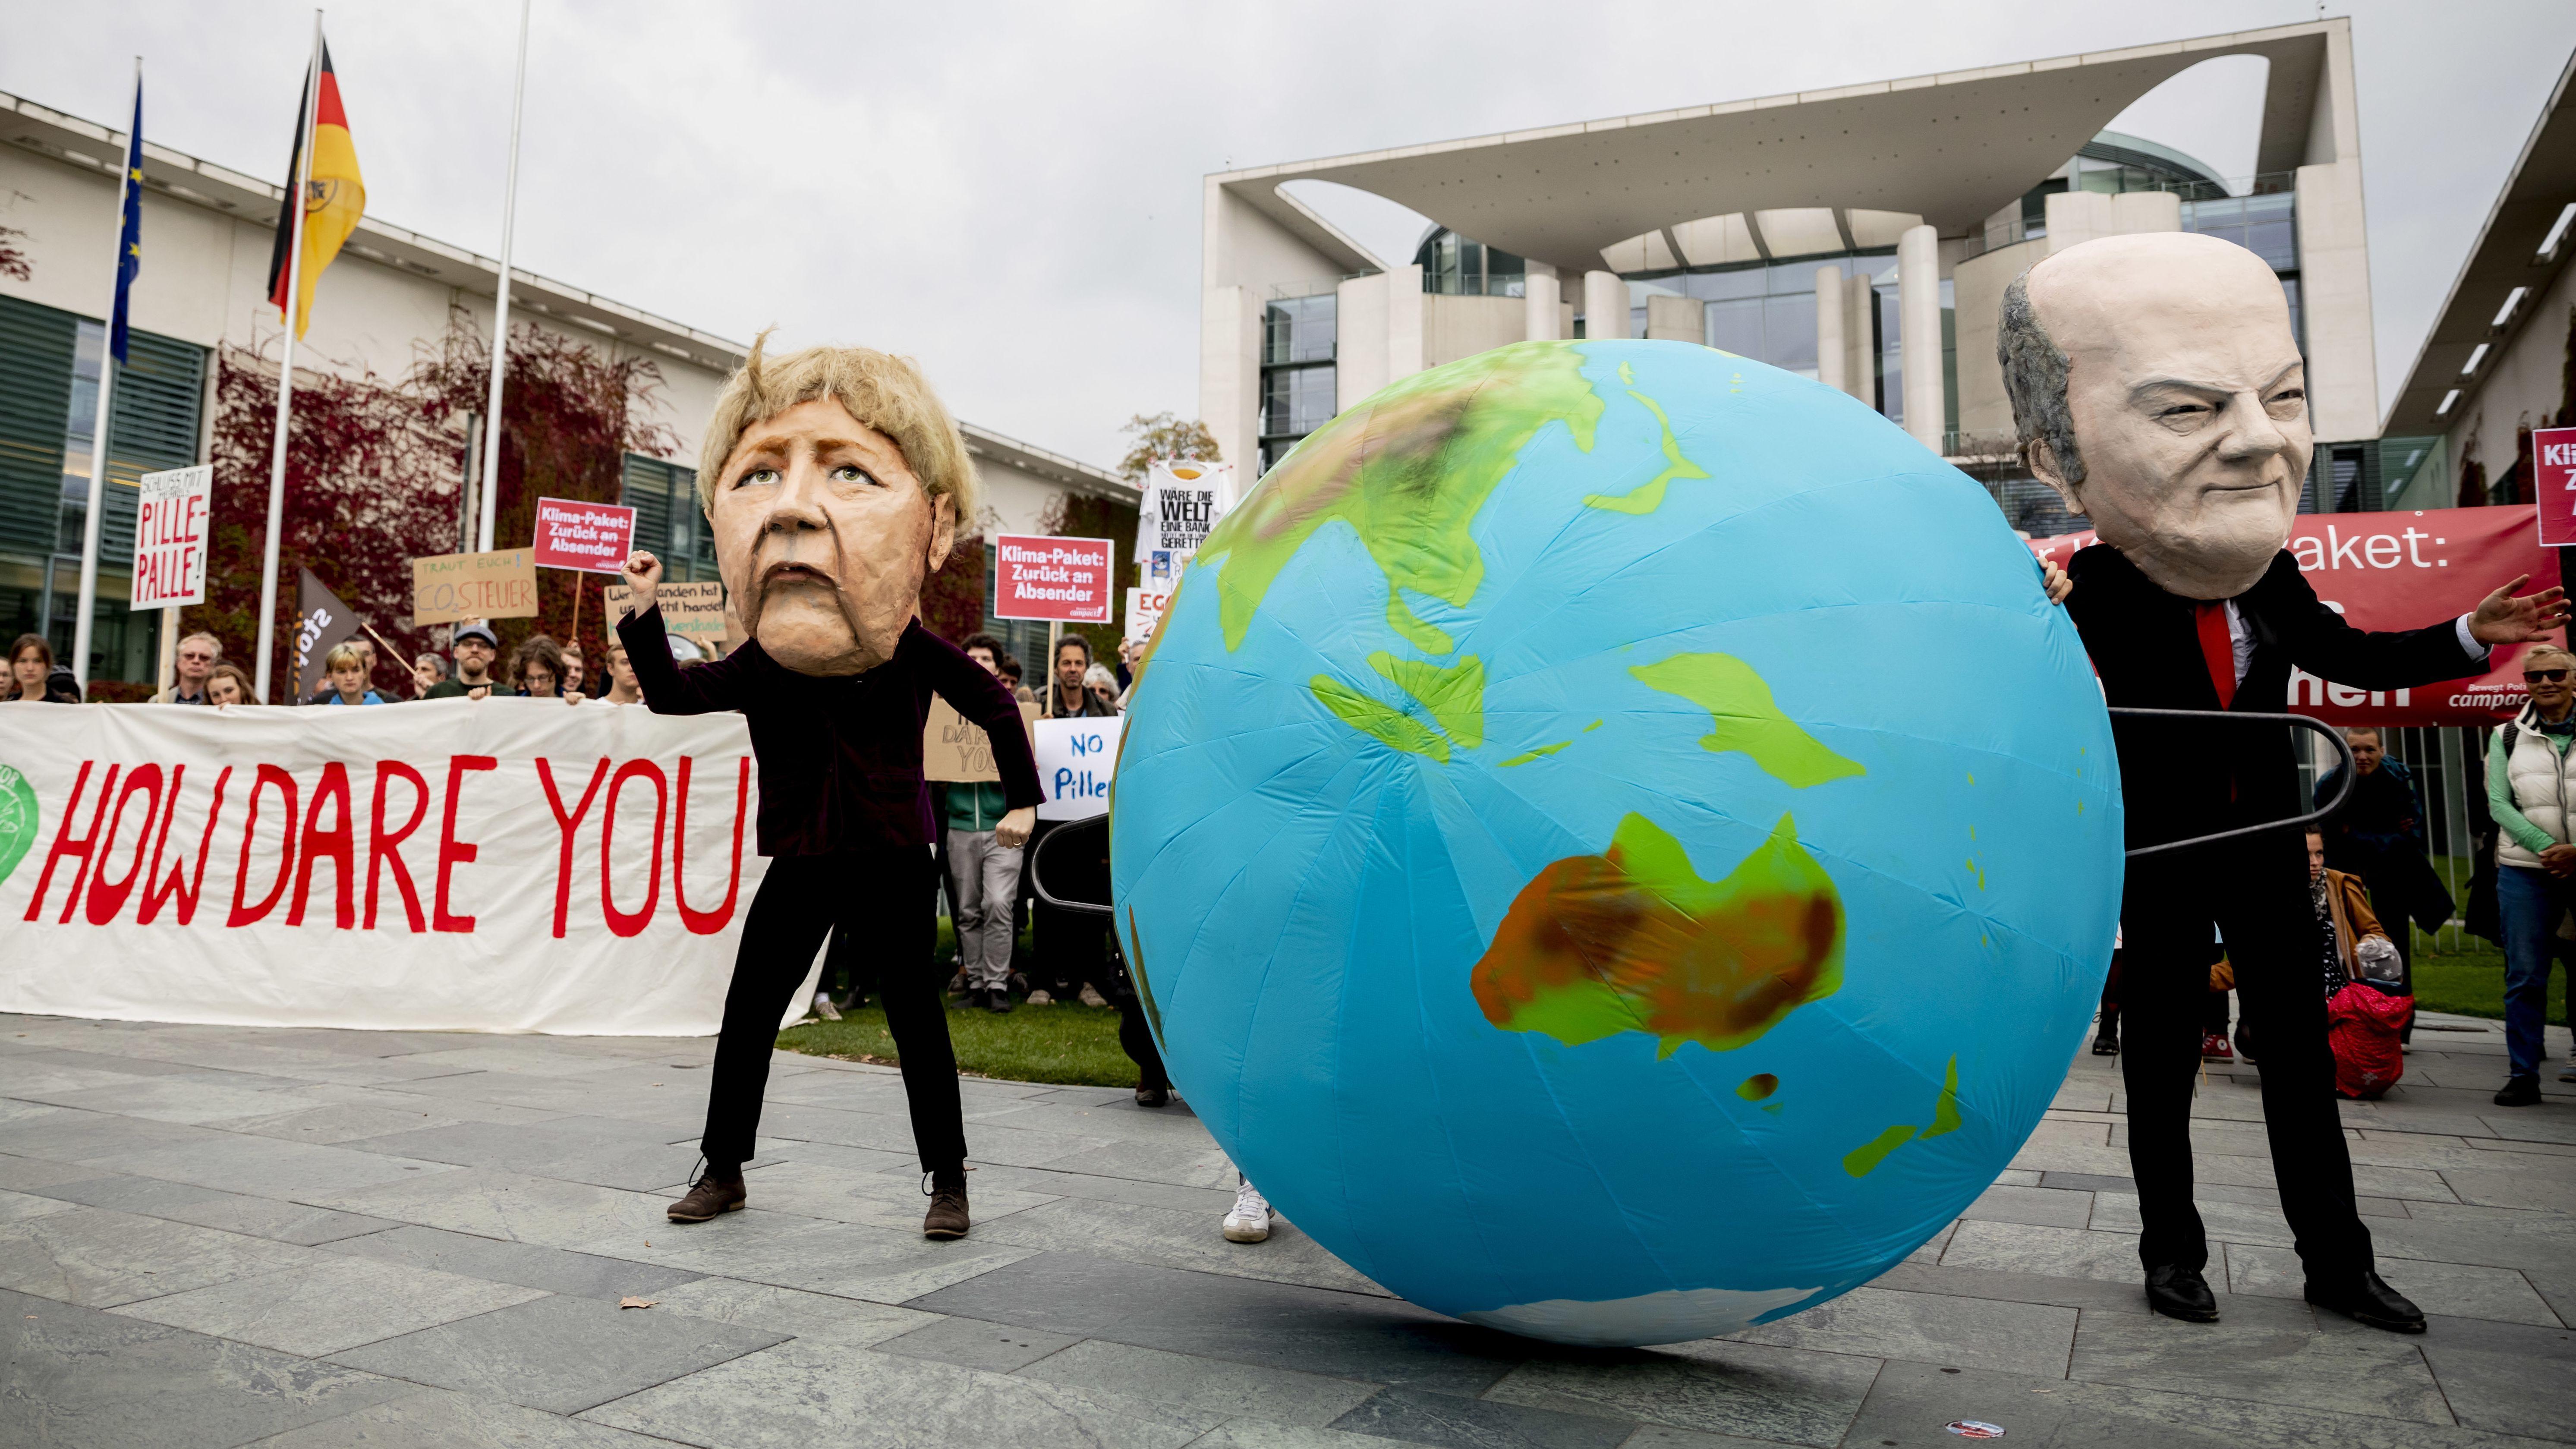 """Zwei Darsteller tragen bei einer Kundgebung von Fridays for Future und der Nichtregierungsorganisation Campact gegen die Klimapolitik der Bundesregierung vor dem Bundeskanzleramt und einem Banner mit der Aufschrift """"How dare you?"""" (Wie könnt ihr es wagen?) Masken, die Bundeskanzlerin Angela Merkel (CDU, M) und Olaf Scholz (SPD, r), Bundesfinanzminister, zeigen."""